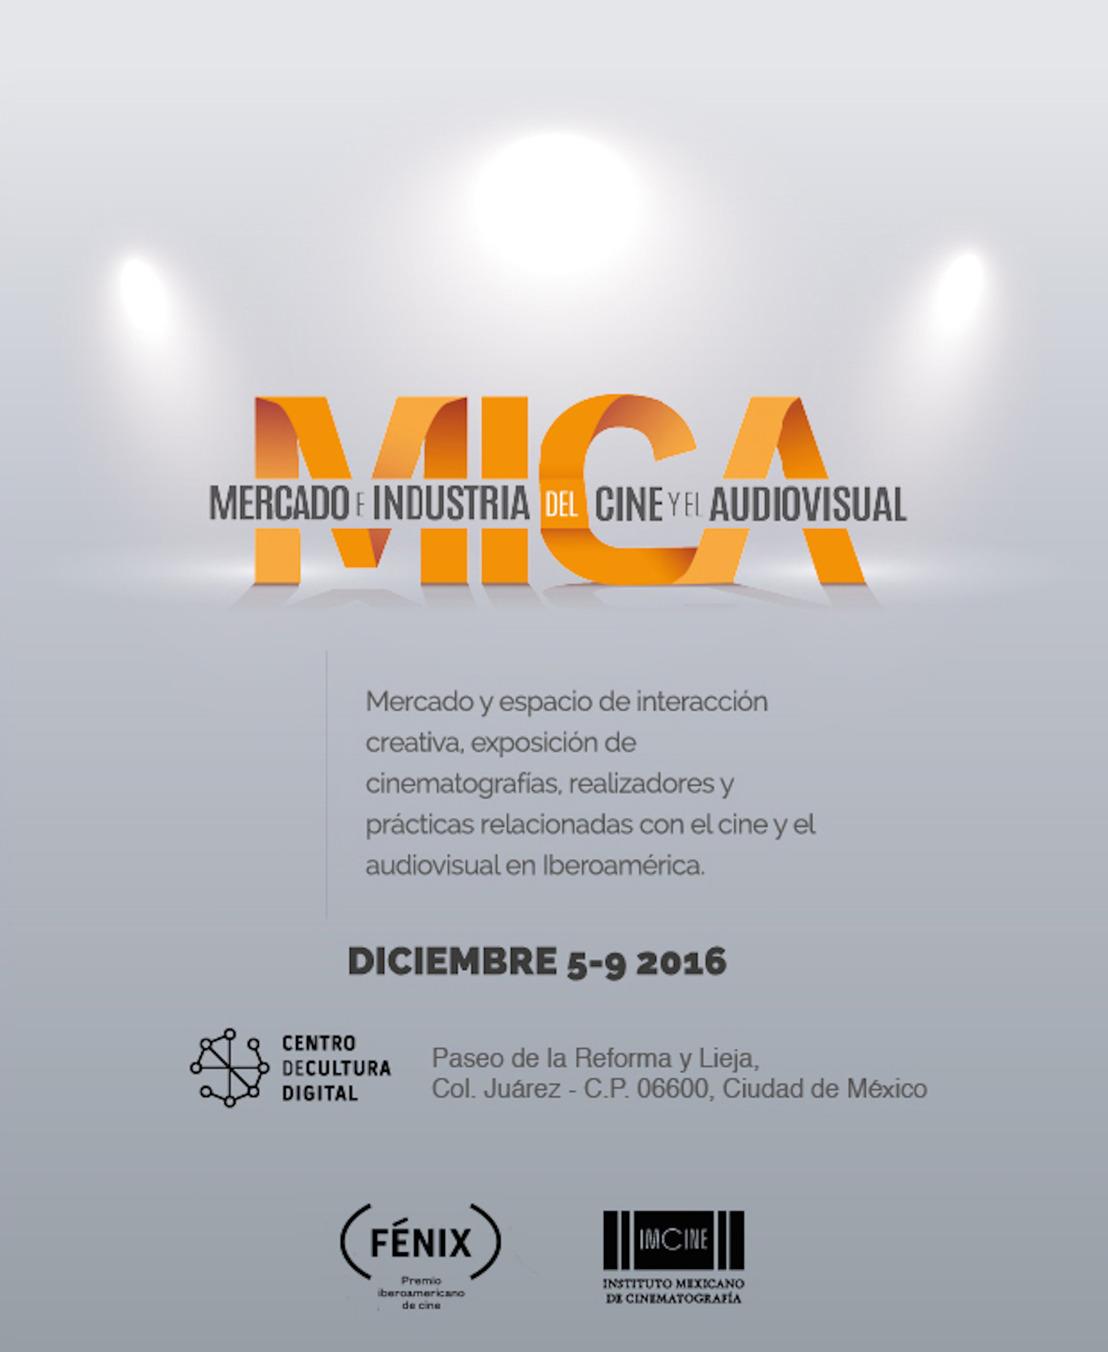 LA 1ª EDICIÓN DEL MERCADO E INDUSTRIA DEL CINE Y EL AUDIOVISUAL CONCLUYE EXITOSAMENTE